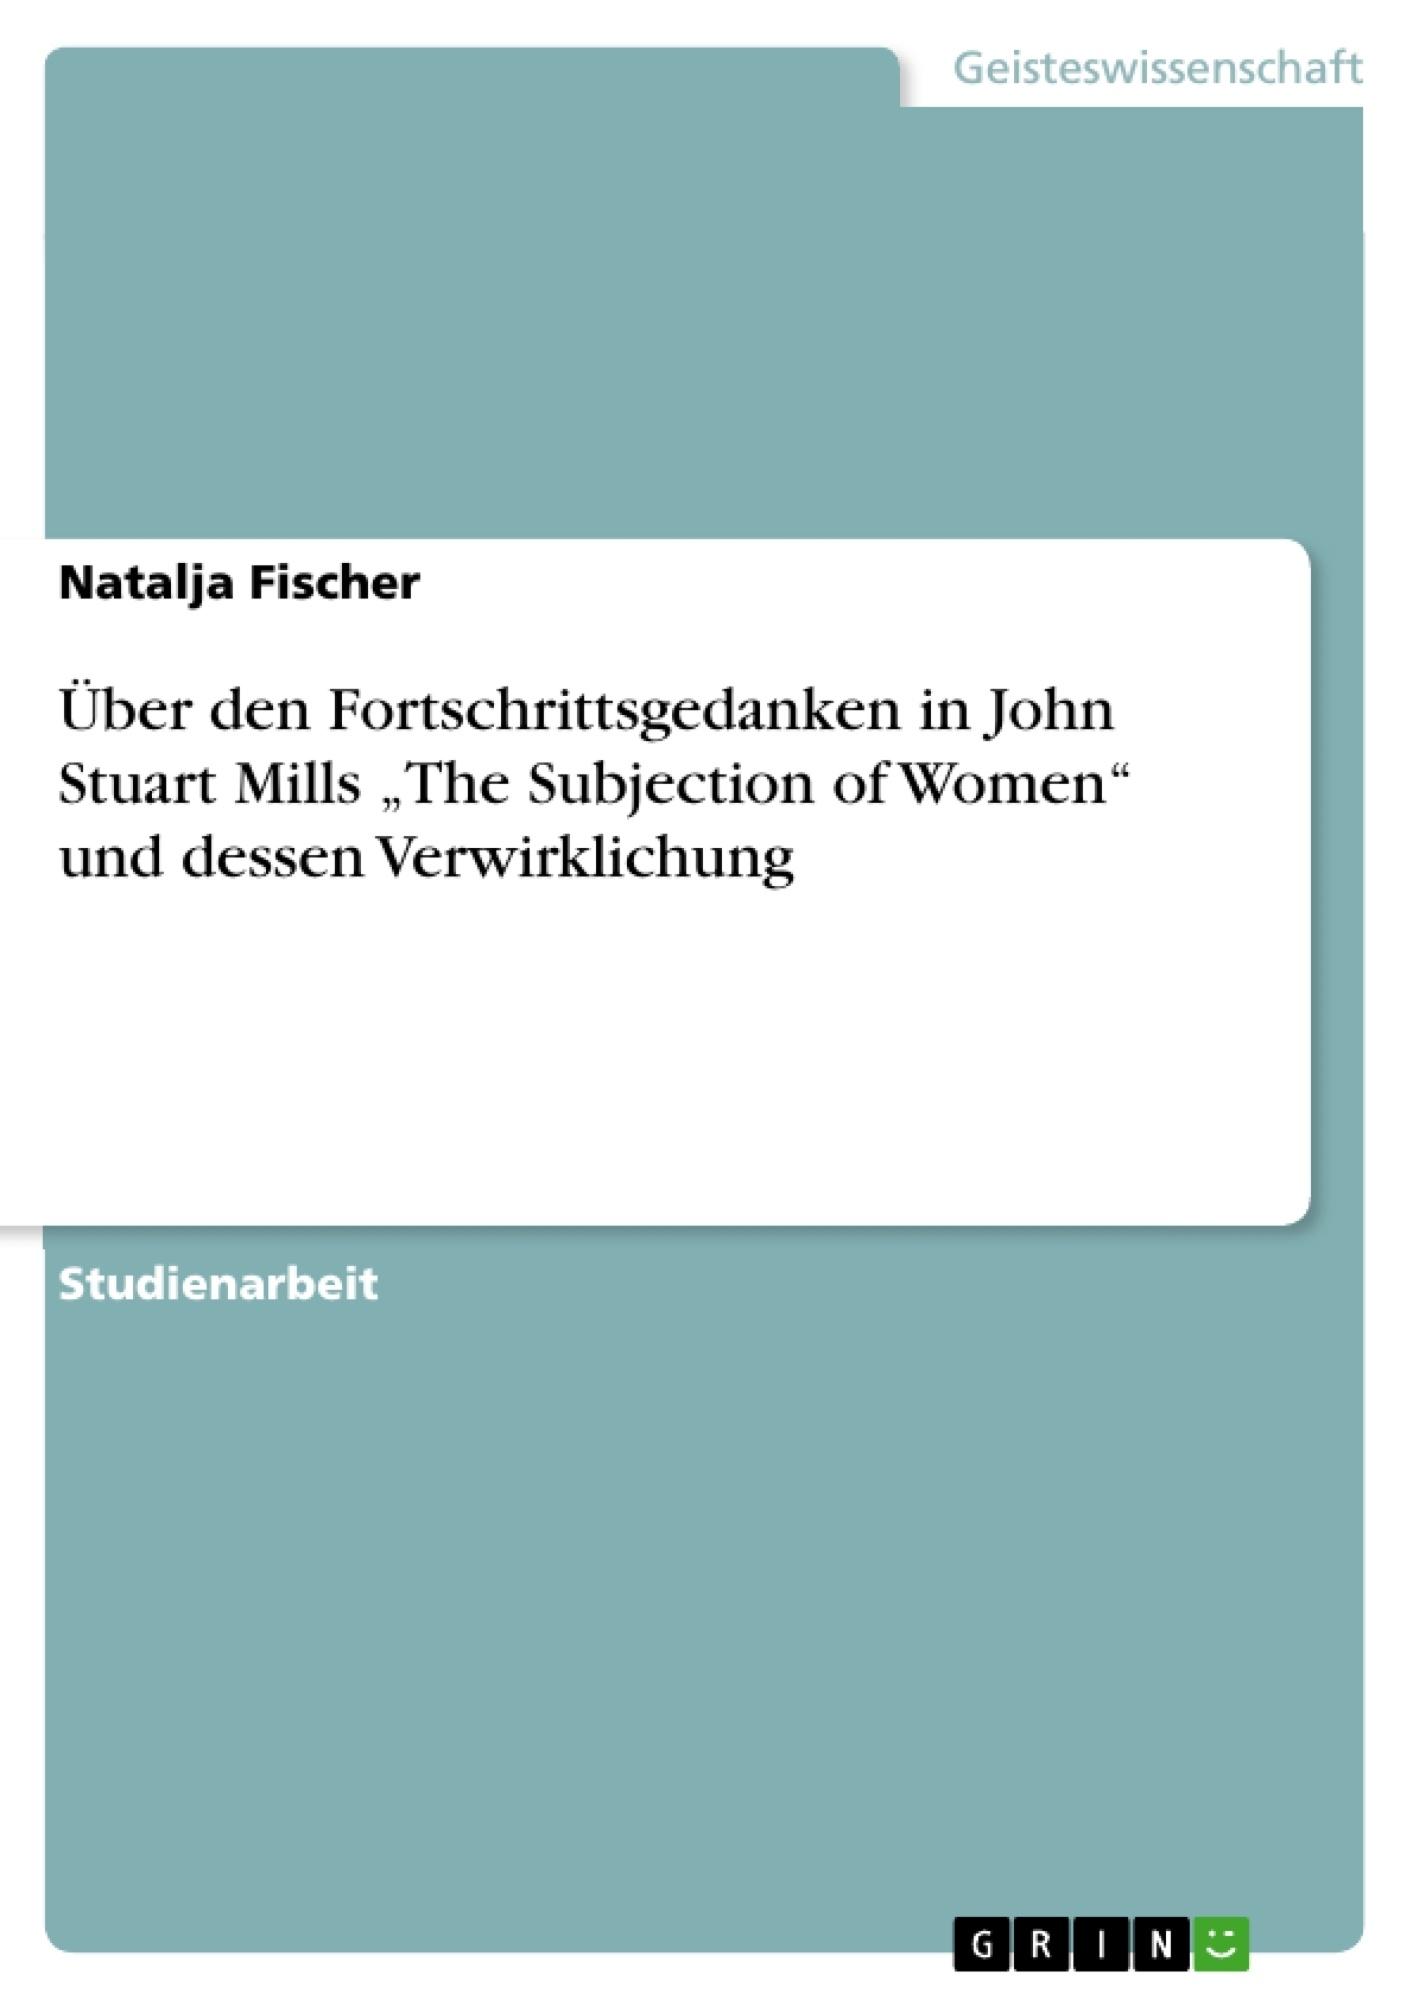 """Titel: Über den Fortschrittsgedanken in John Stuart Mills """"The Subjection of Women"""" und dessen Verwirklichung"""